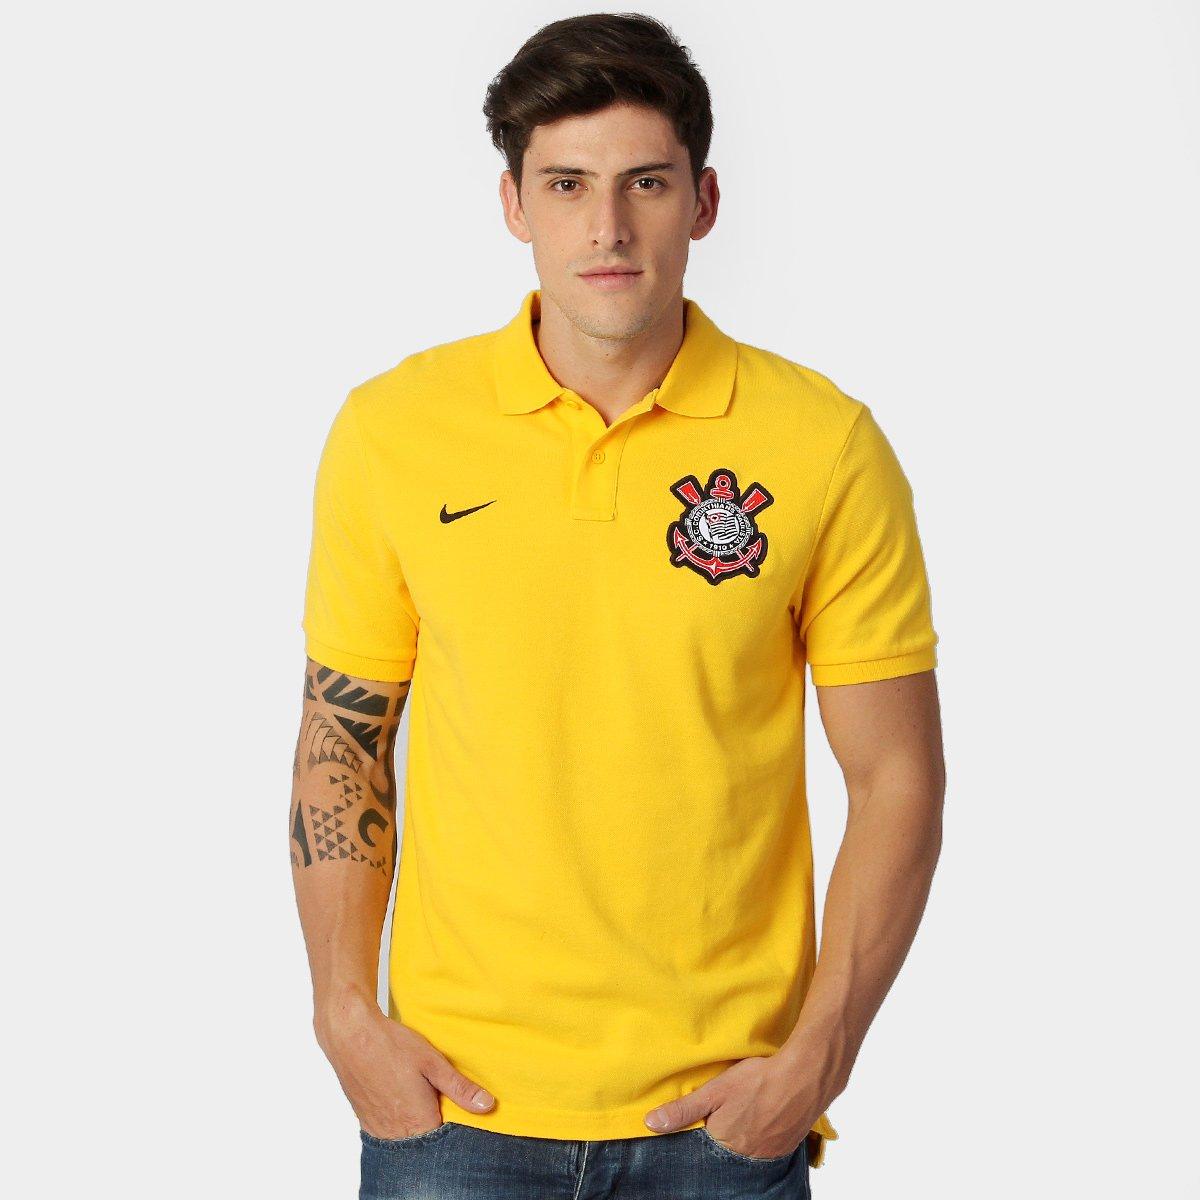 Camisa Polo Nike Corinthians Authentic GS - Compre Agora  427e1d569cedc